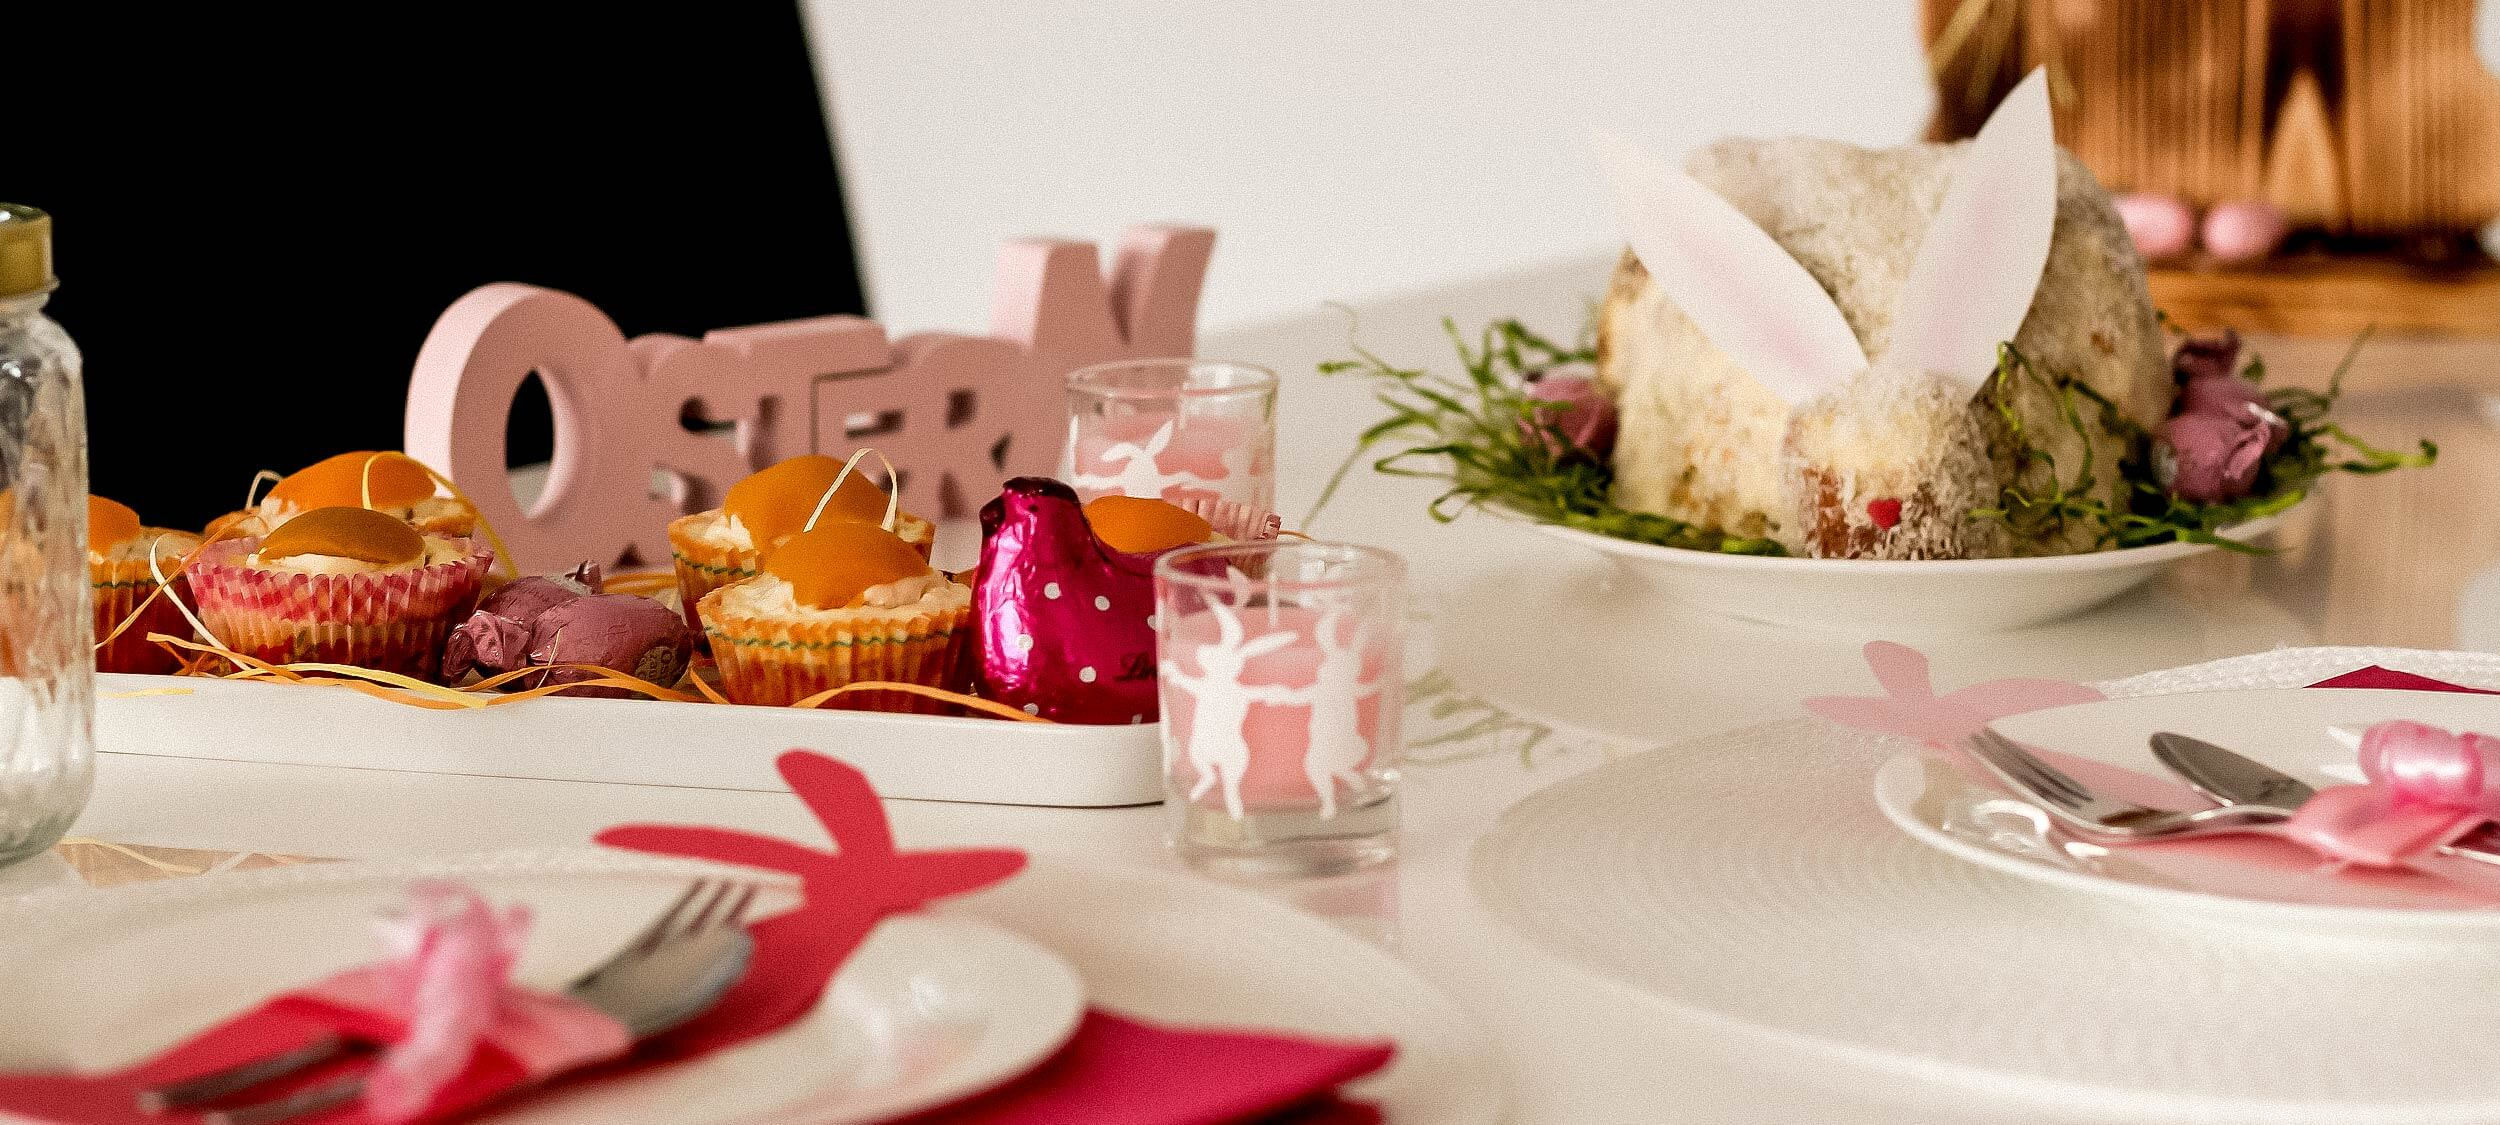 Ostern – Spiegelei-Muffins, Karottenkuchen und Teller-Deko für den festlichen Ostertisch